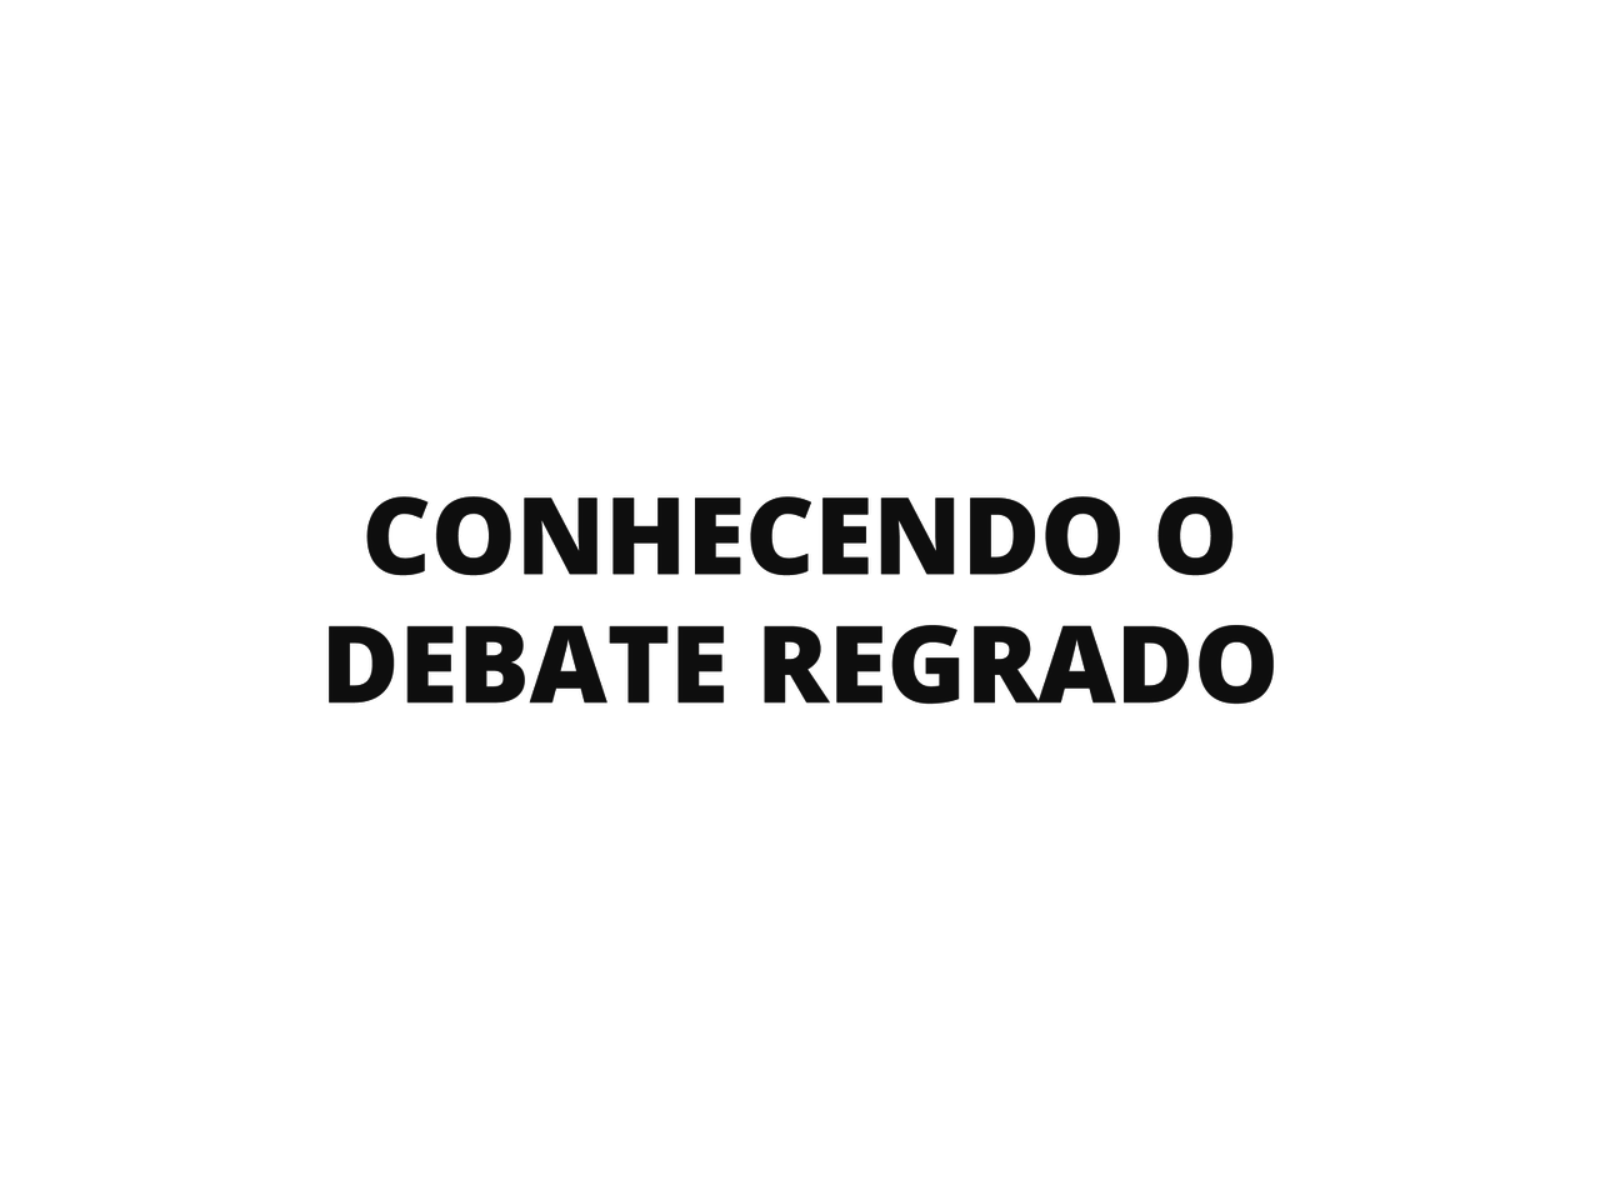 Conhecendo o debate regrado